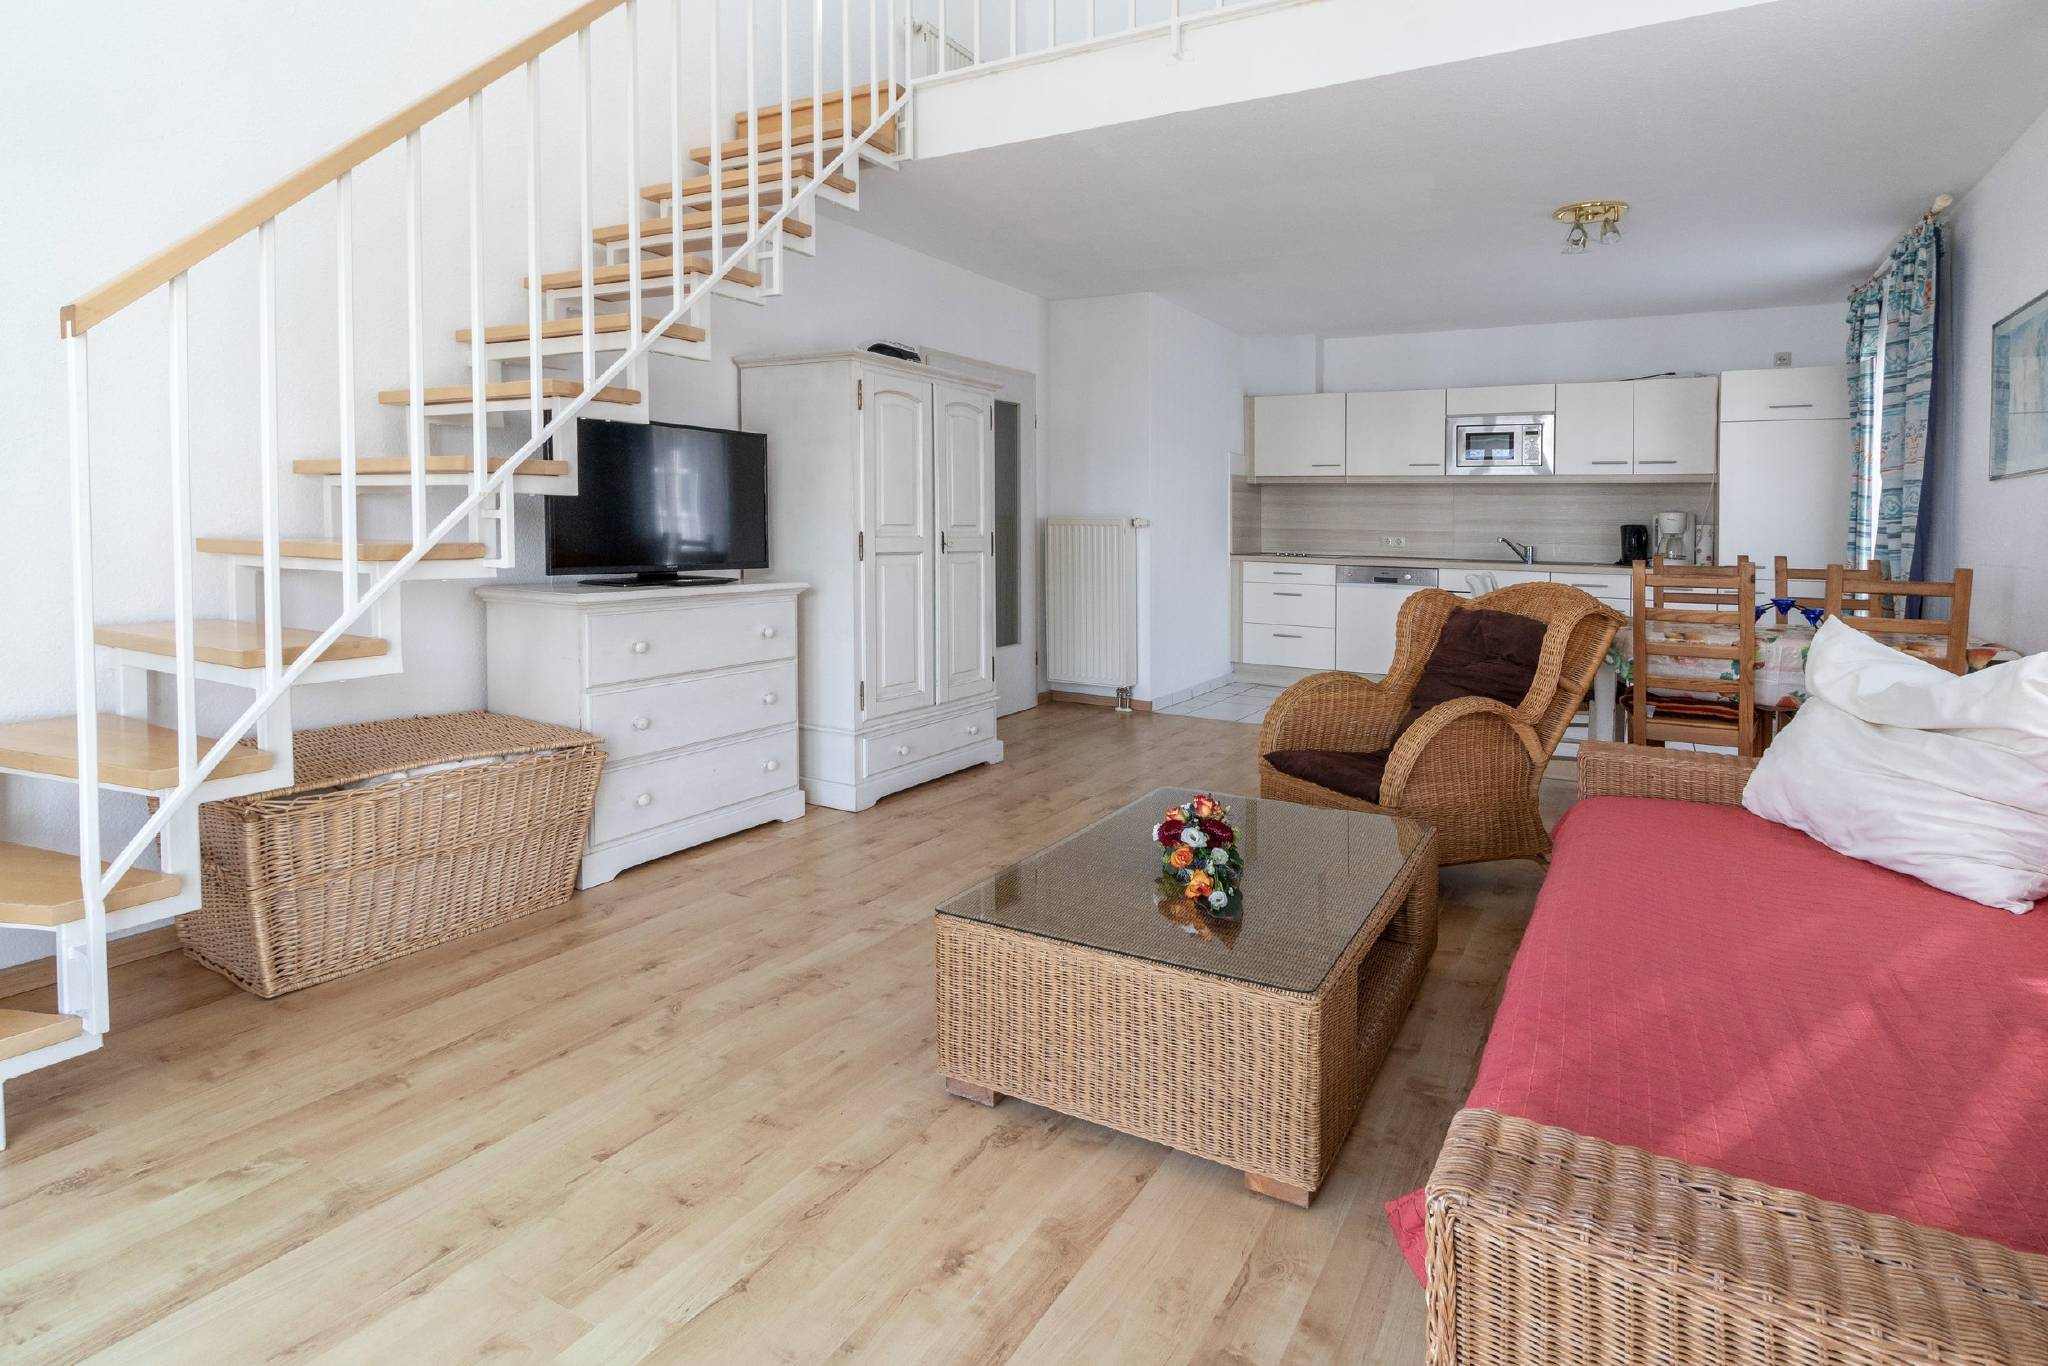 Wohnzimmer Typ 4, Blick zur Küche